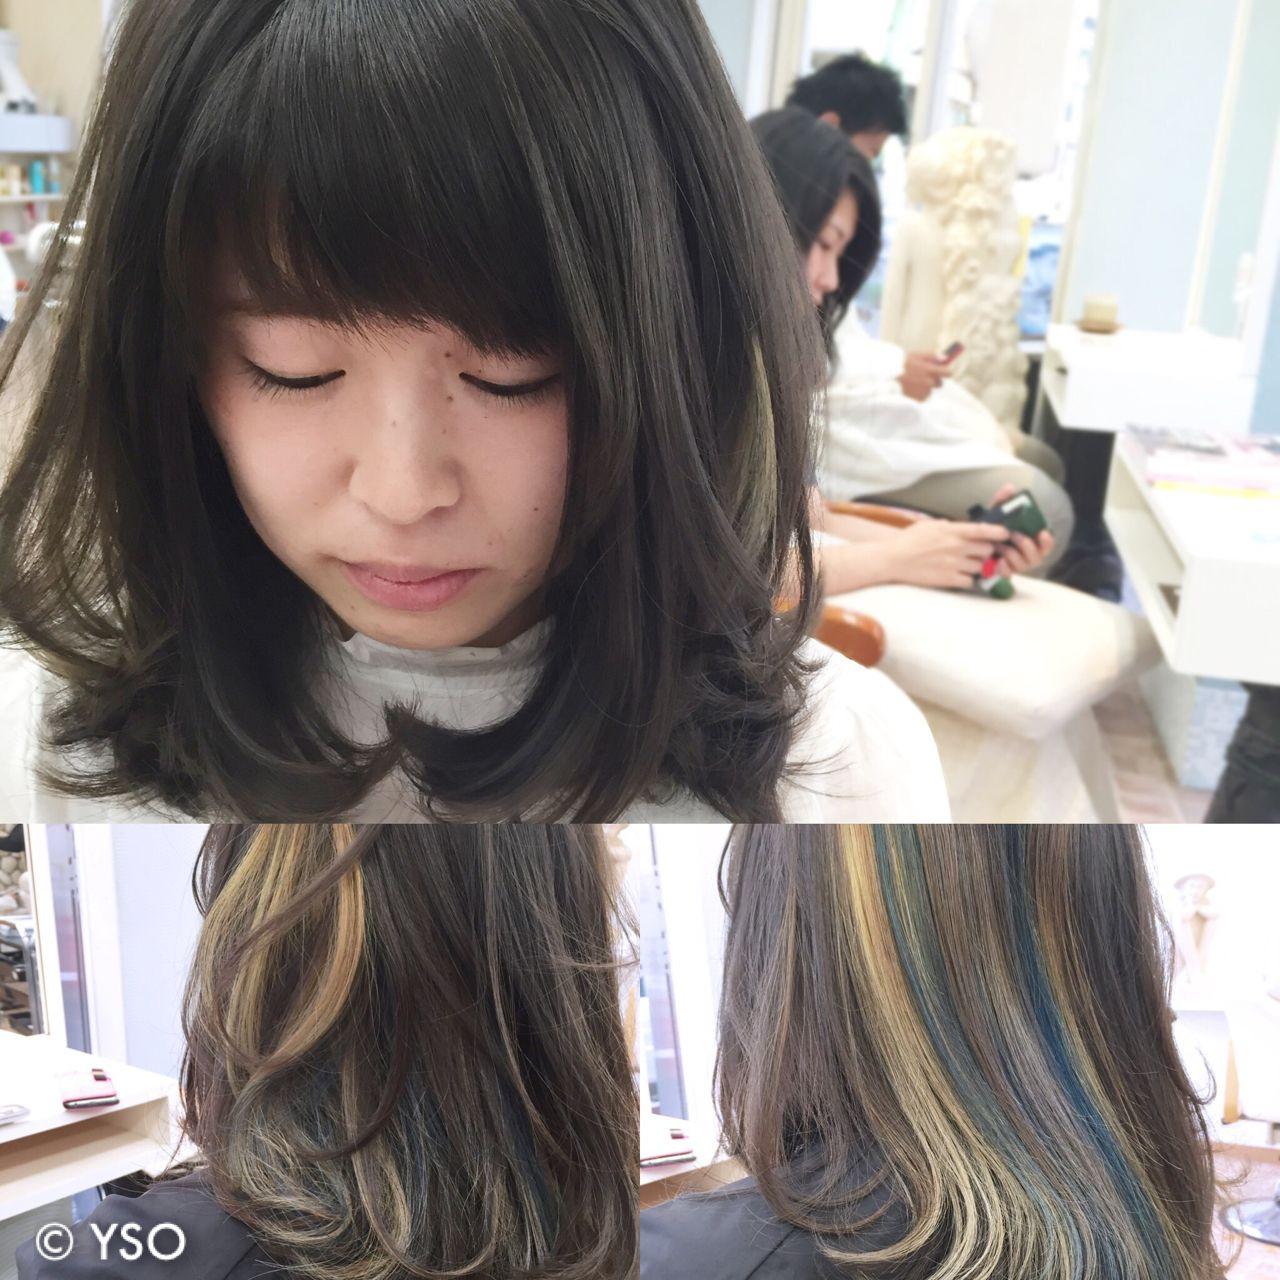 ミディアムヘアにインナーカラーをプラスして、アレンジの幅をもっと広げて♡ YSO